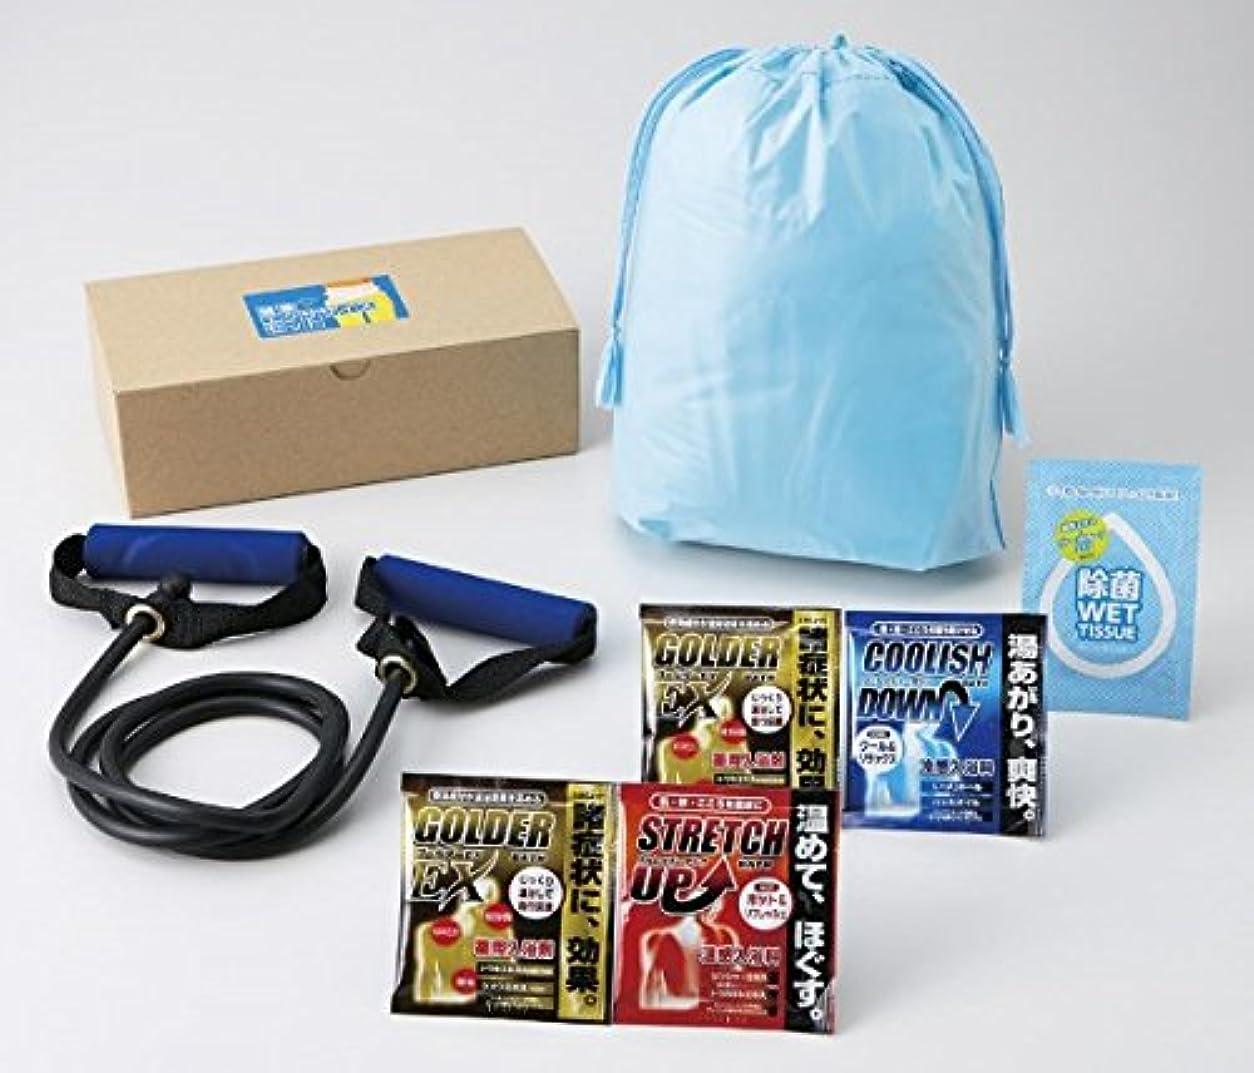 キャンプ影響を受けやすいです重量健康エクササイズ ボディケアセット204 55-204